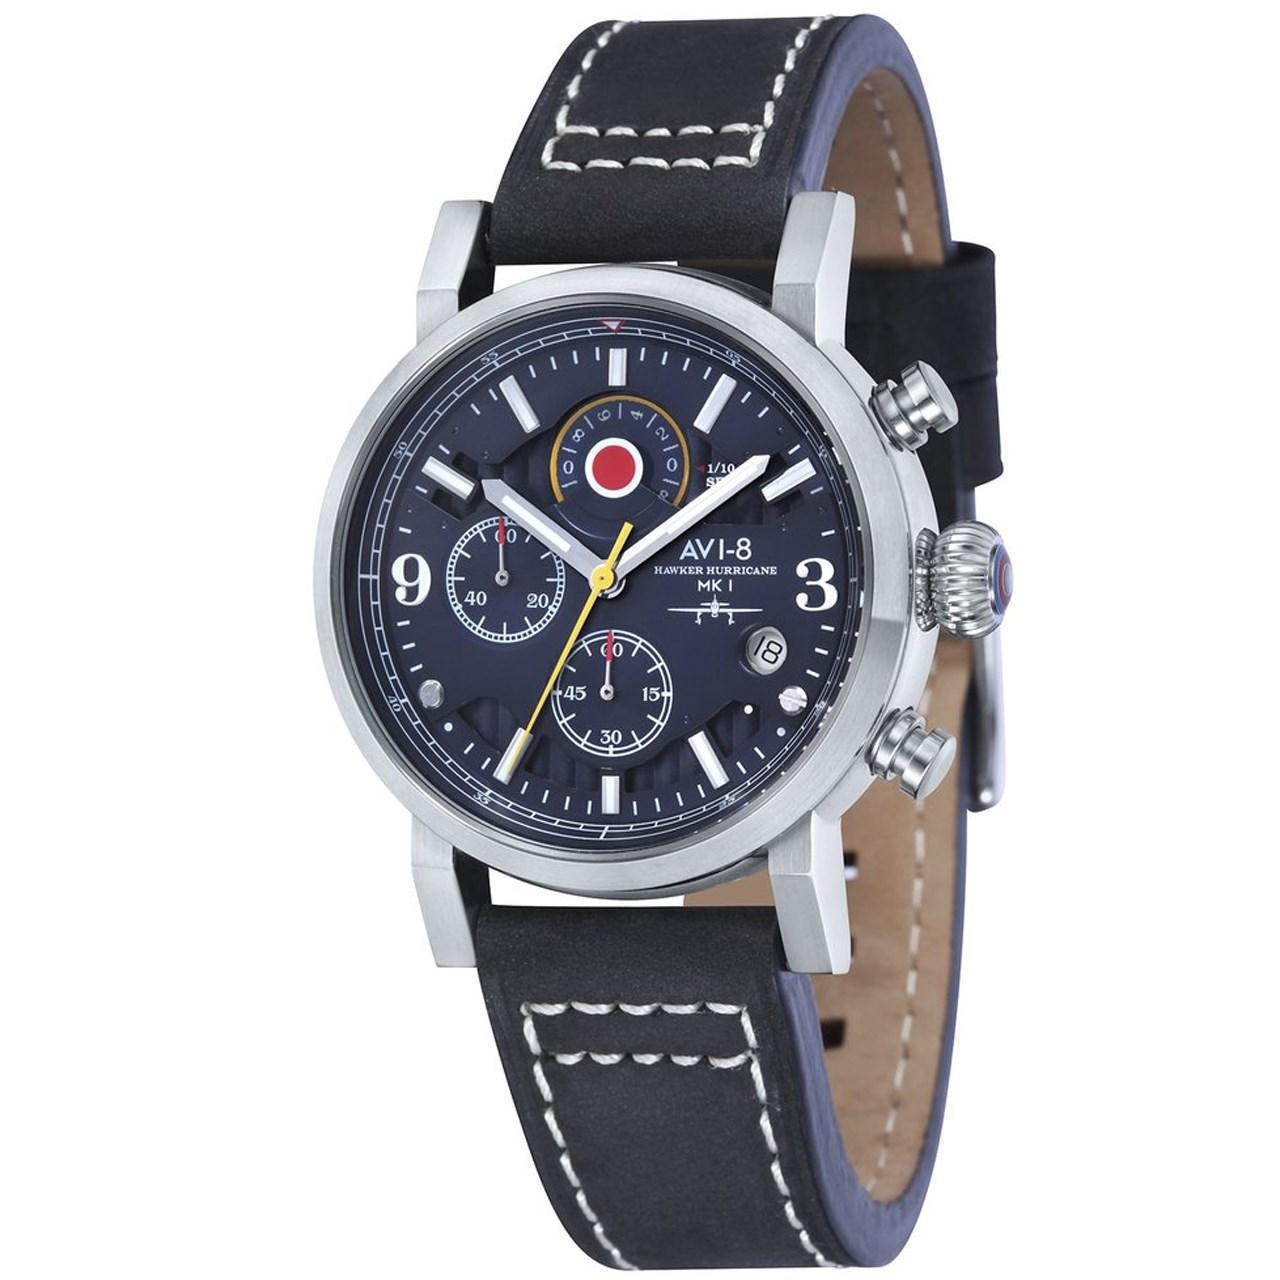 ساعت مچی عقربه ای مردانه ای وی-8 مدل AV-4041-03